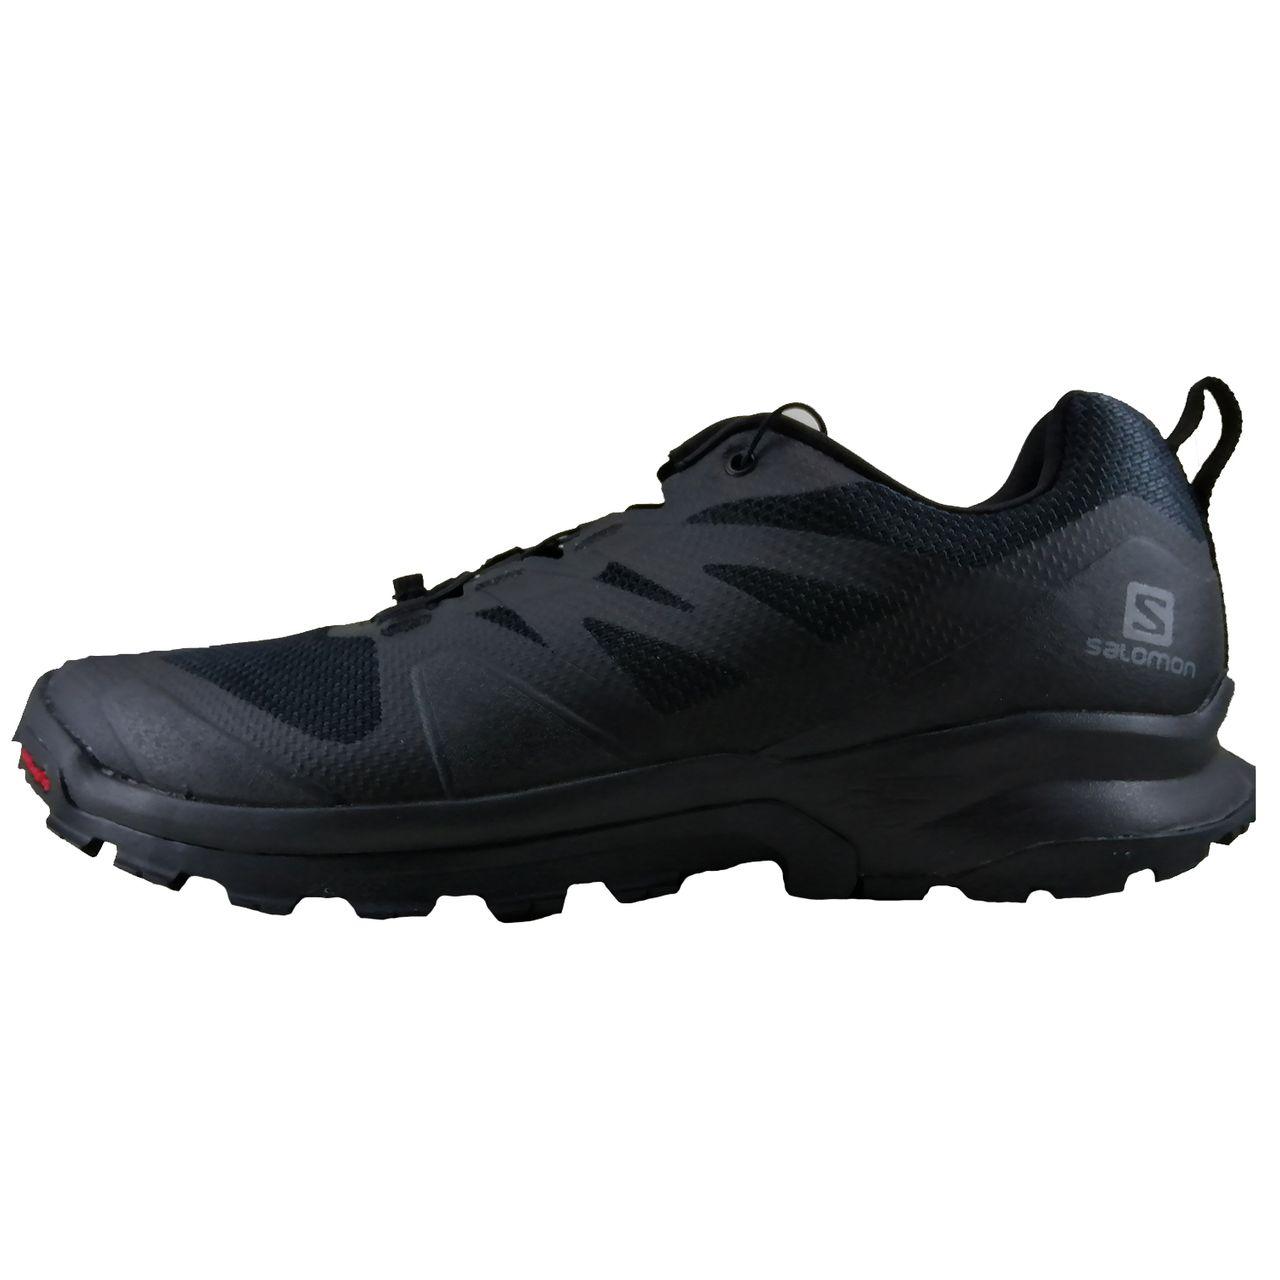 کفش مخصوص پیاده روی زنانه سالومون مدل 411127